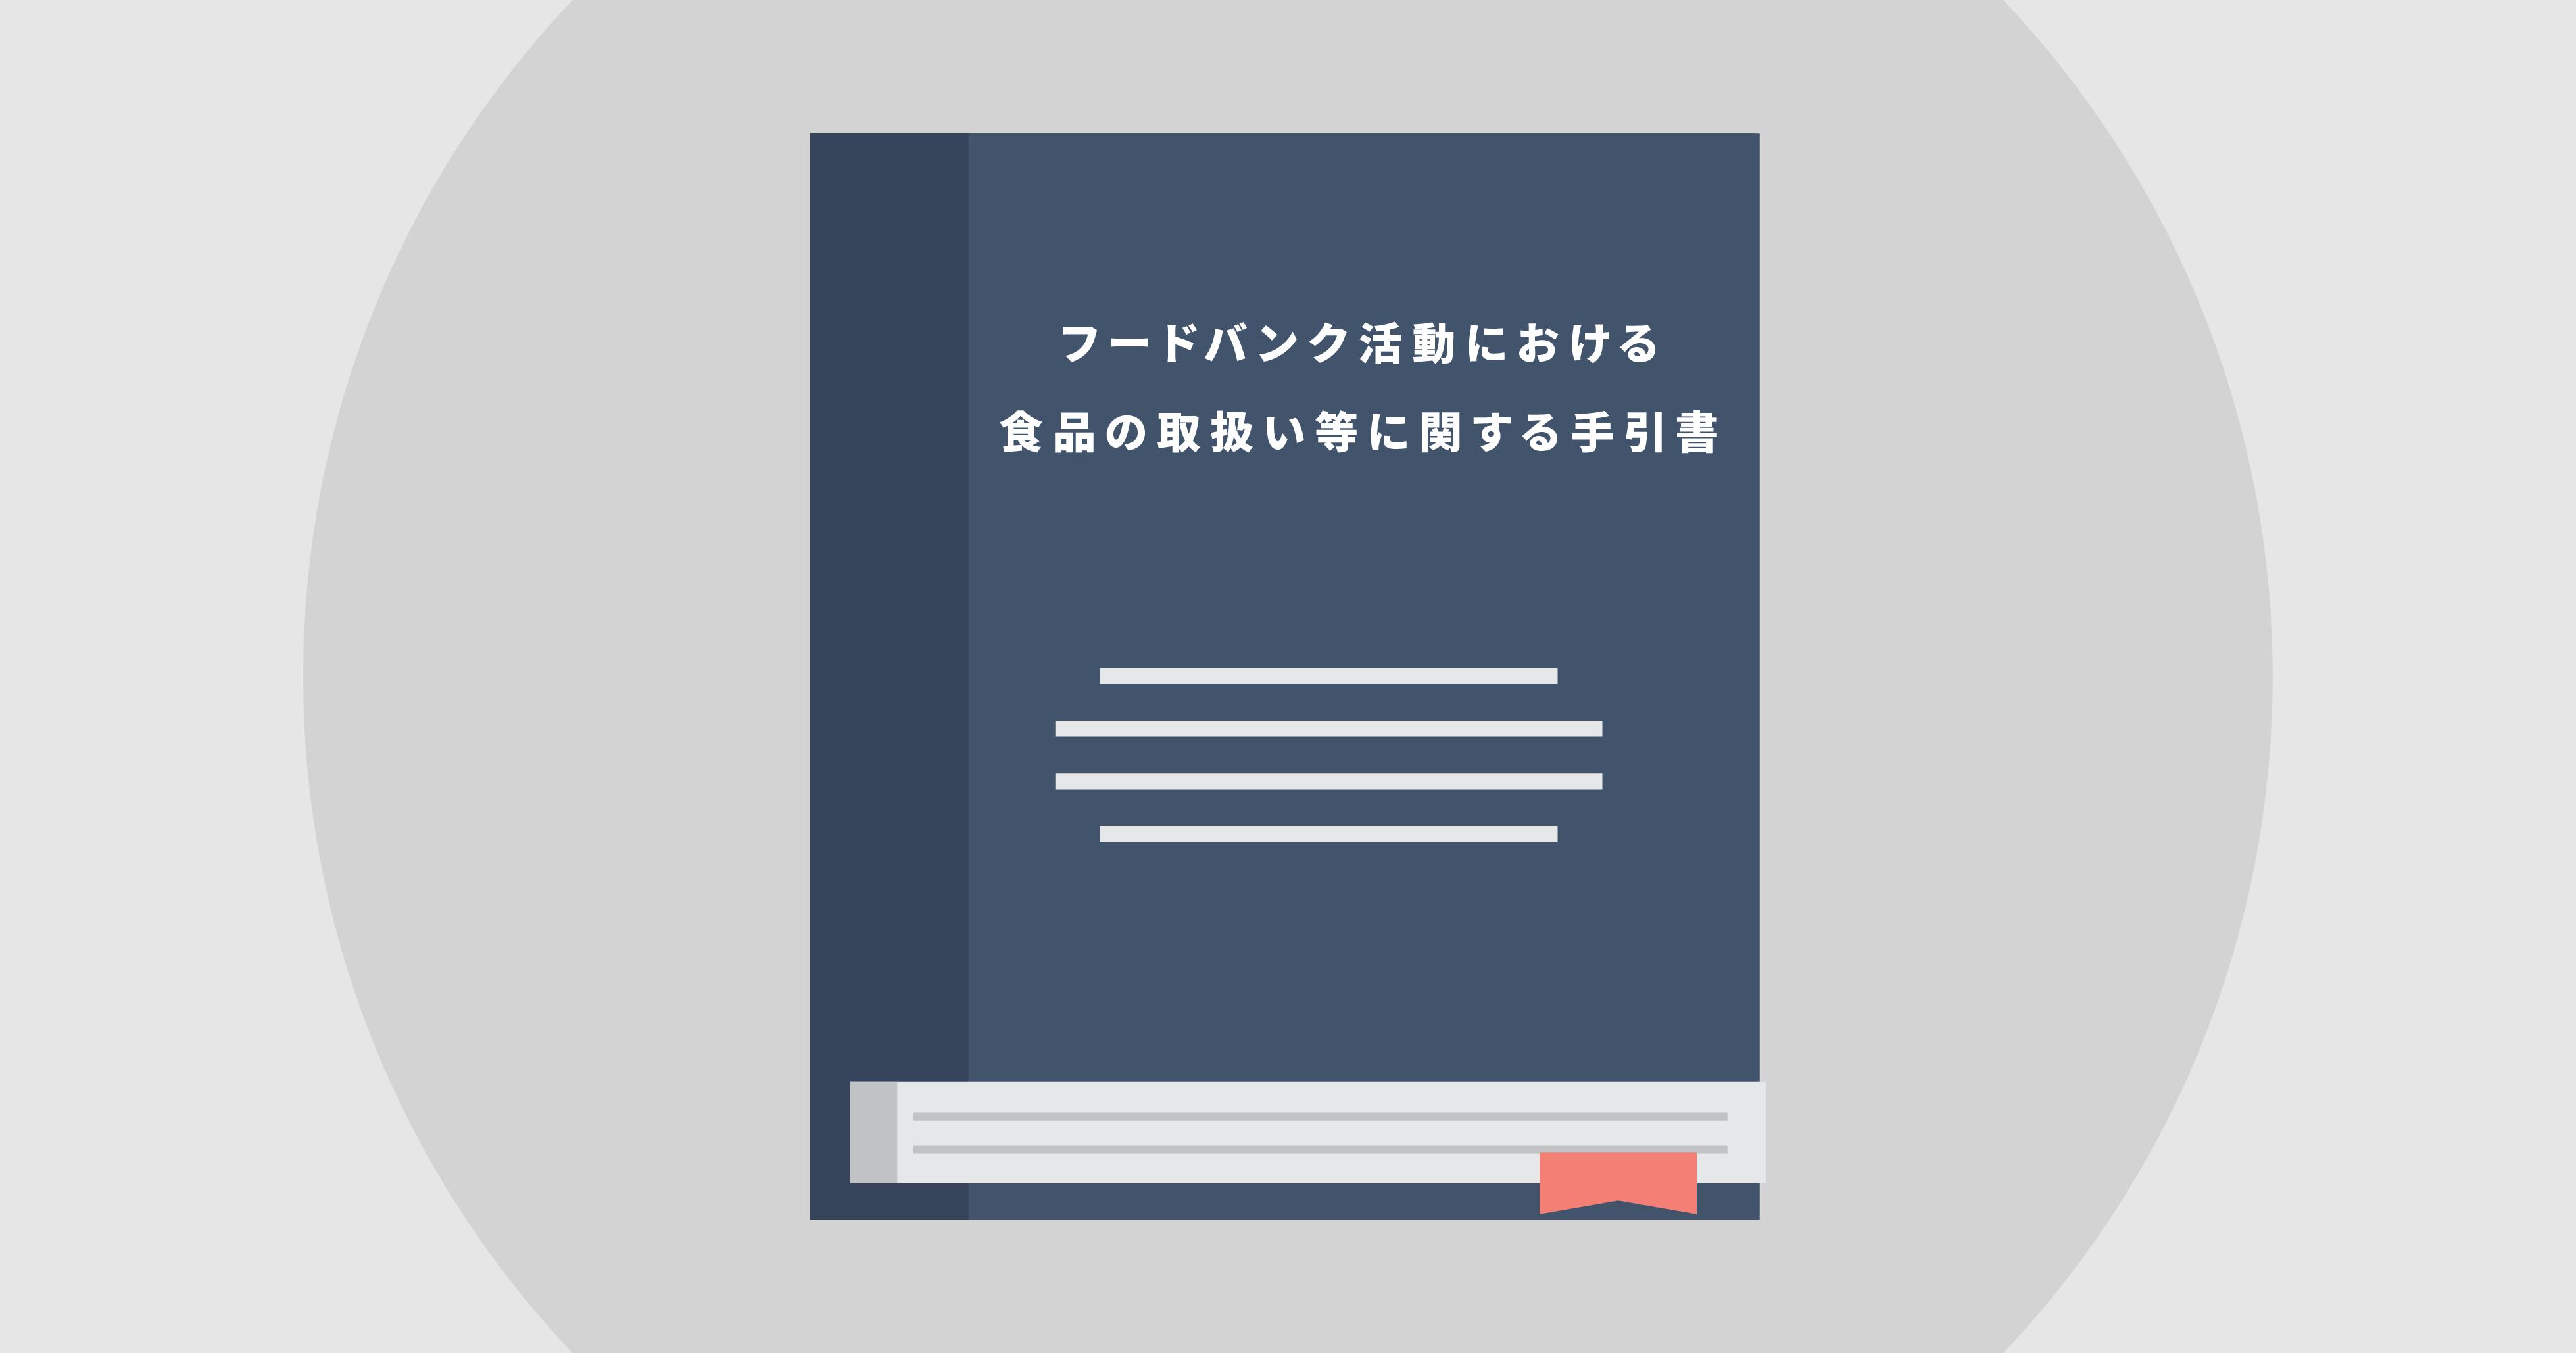 フードバンク活動における手引書